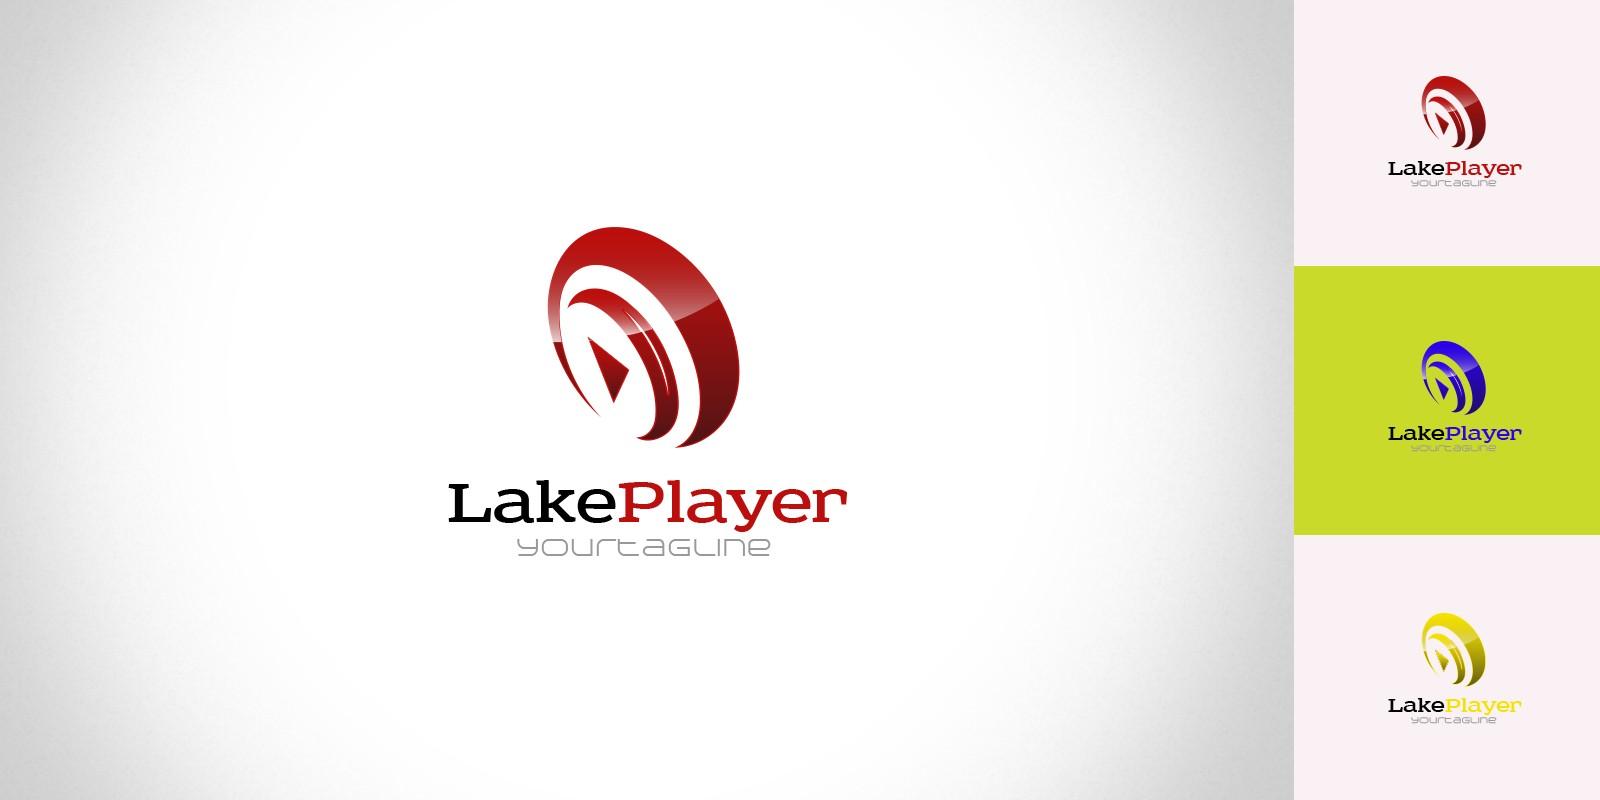 LakePlayer - Logo Template